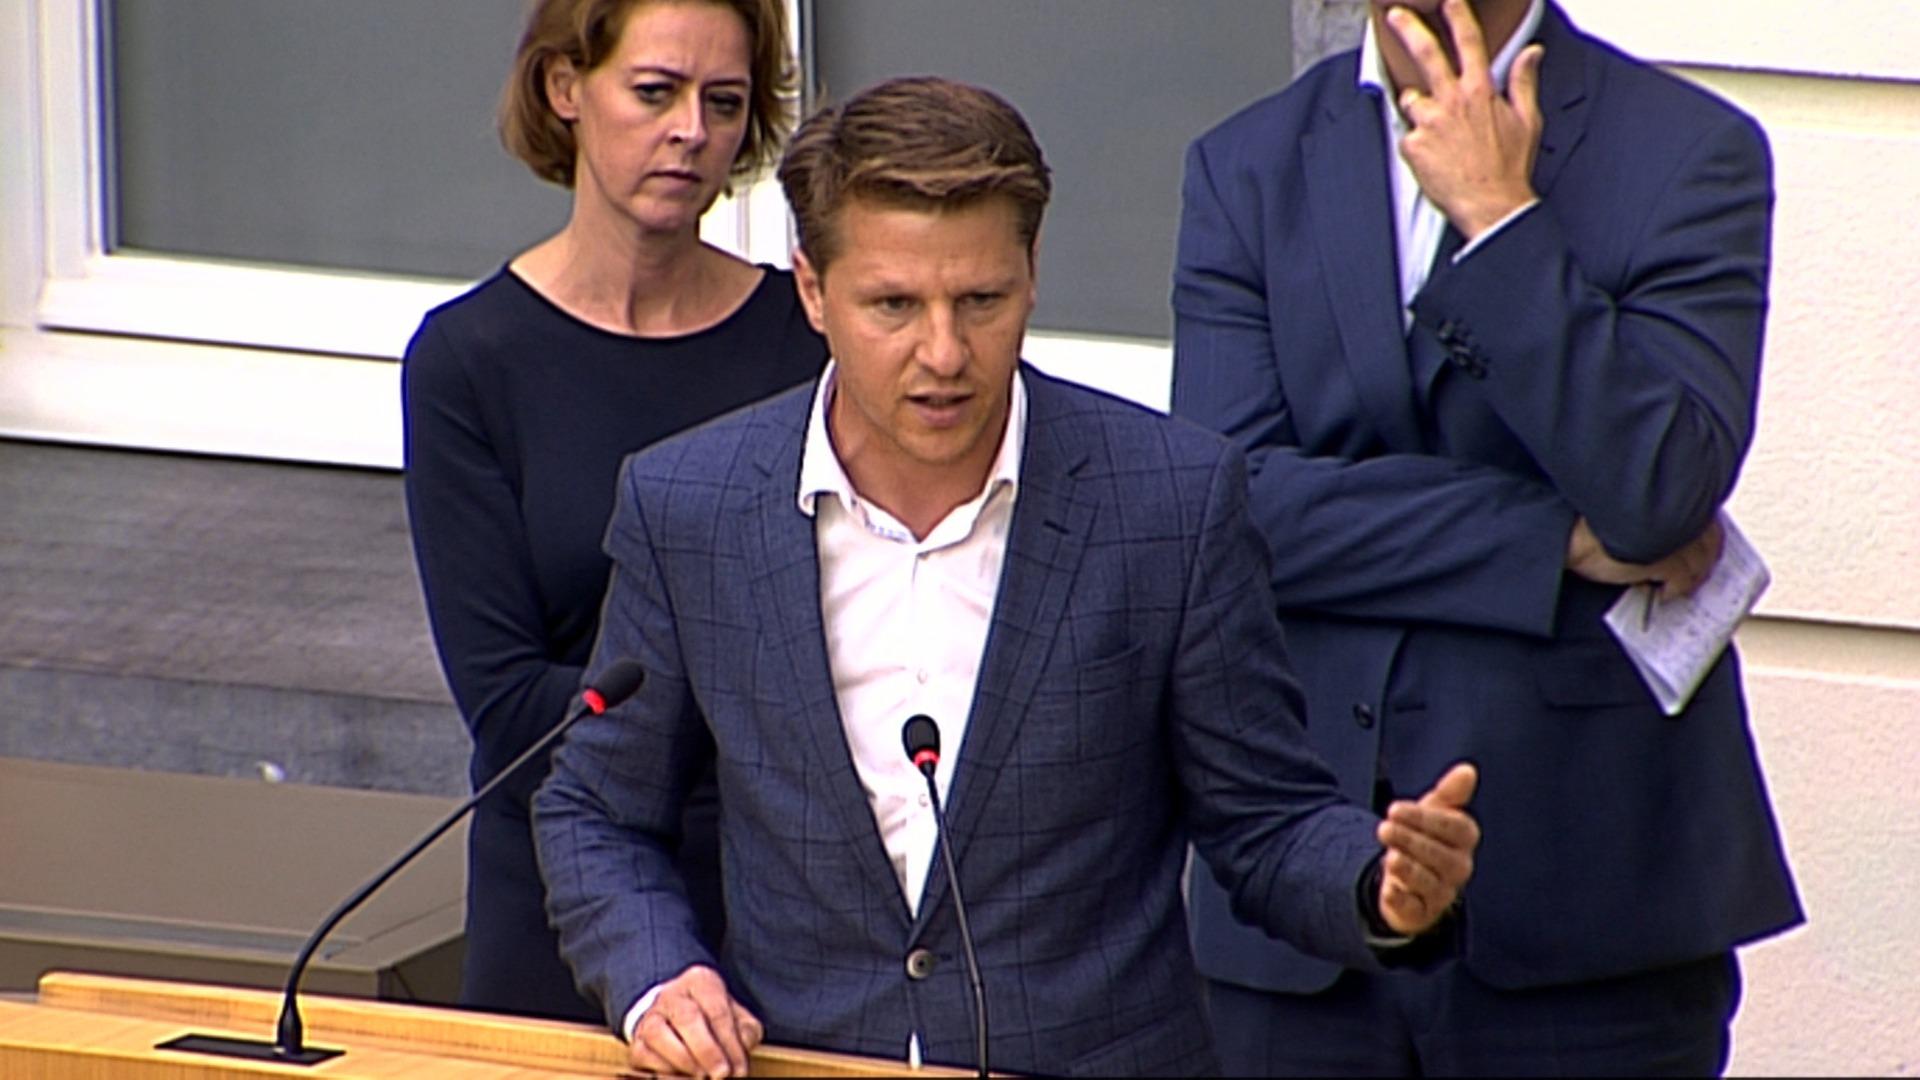 #spraakmakers: 'Ik droom ervan om premier Michel te zijn' - Axel Ronse